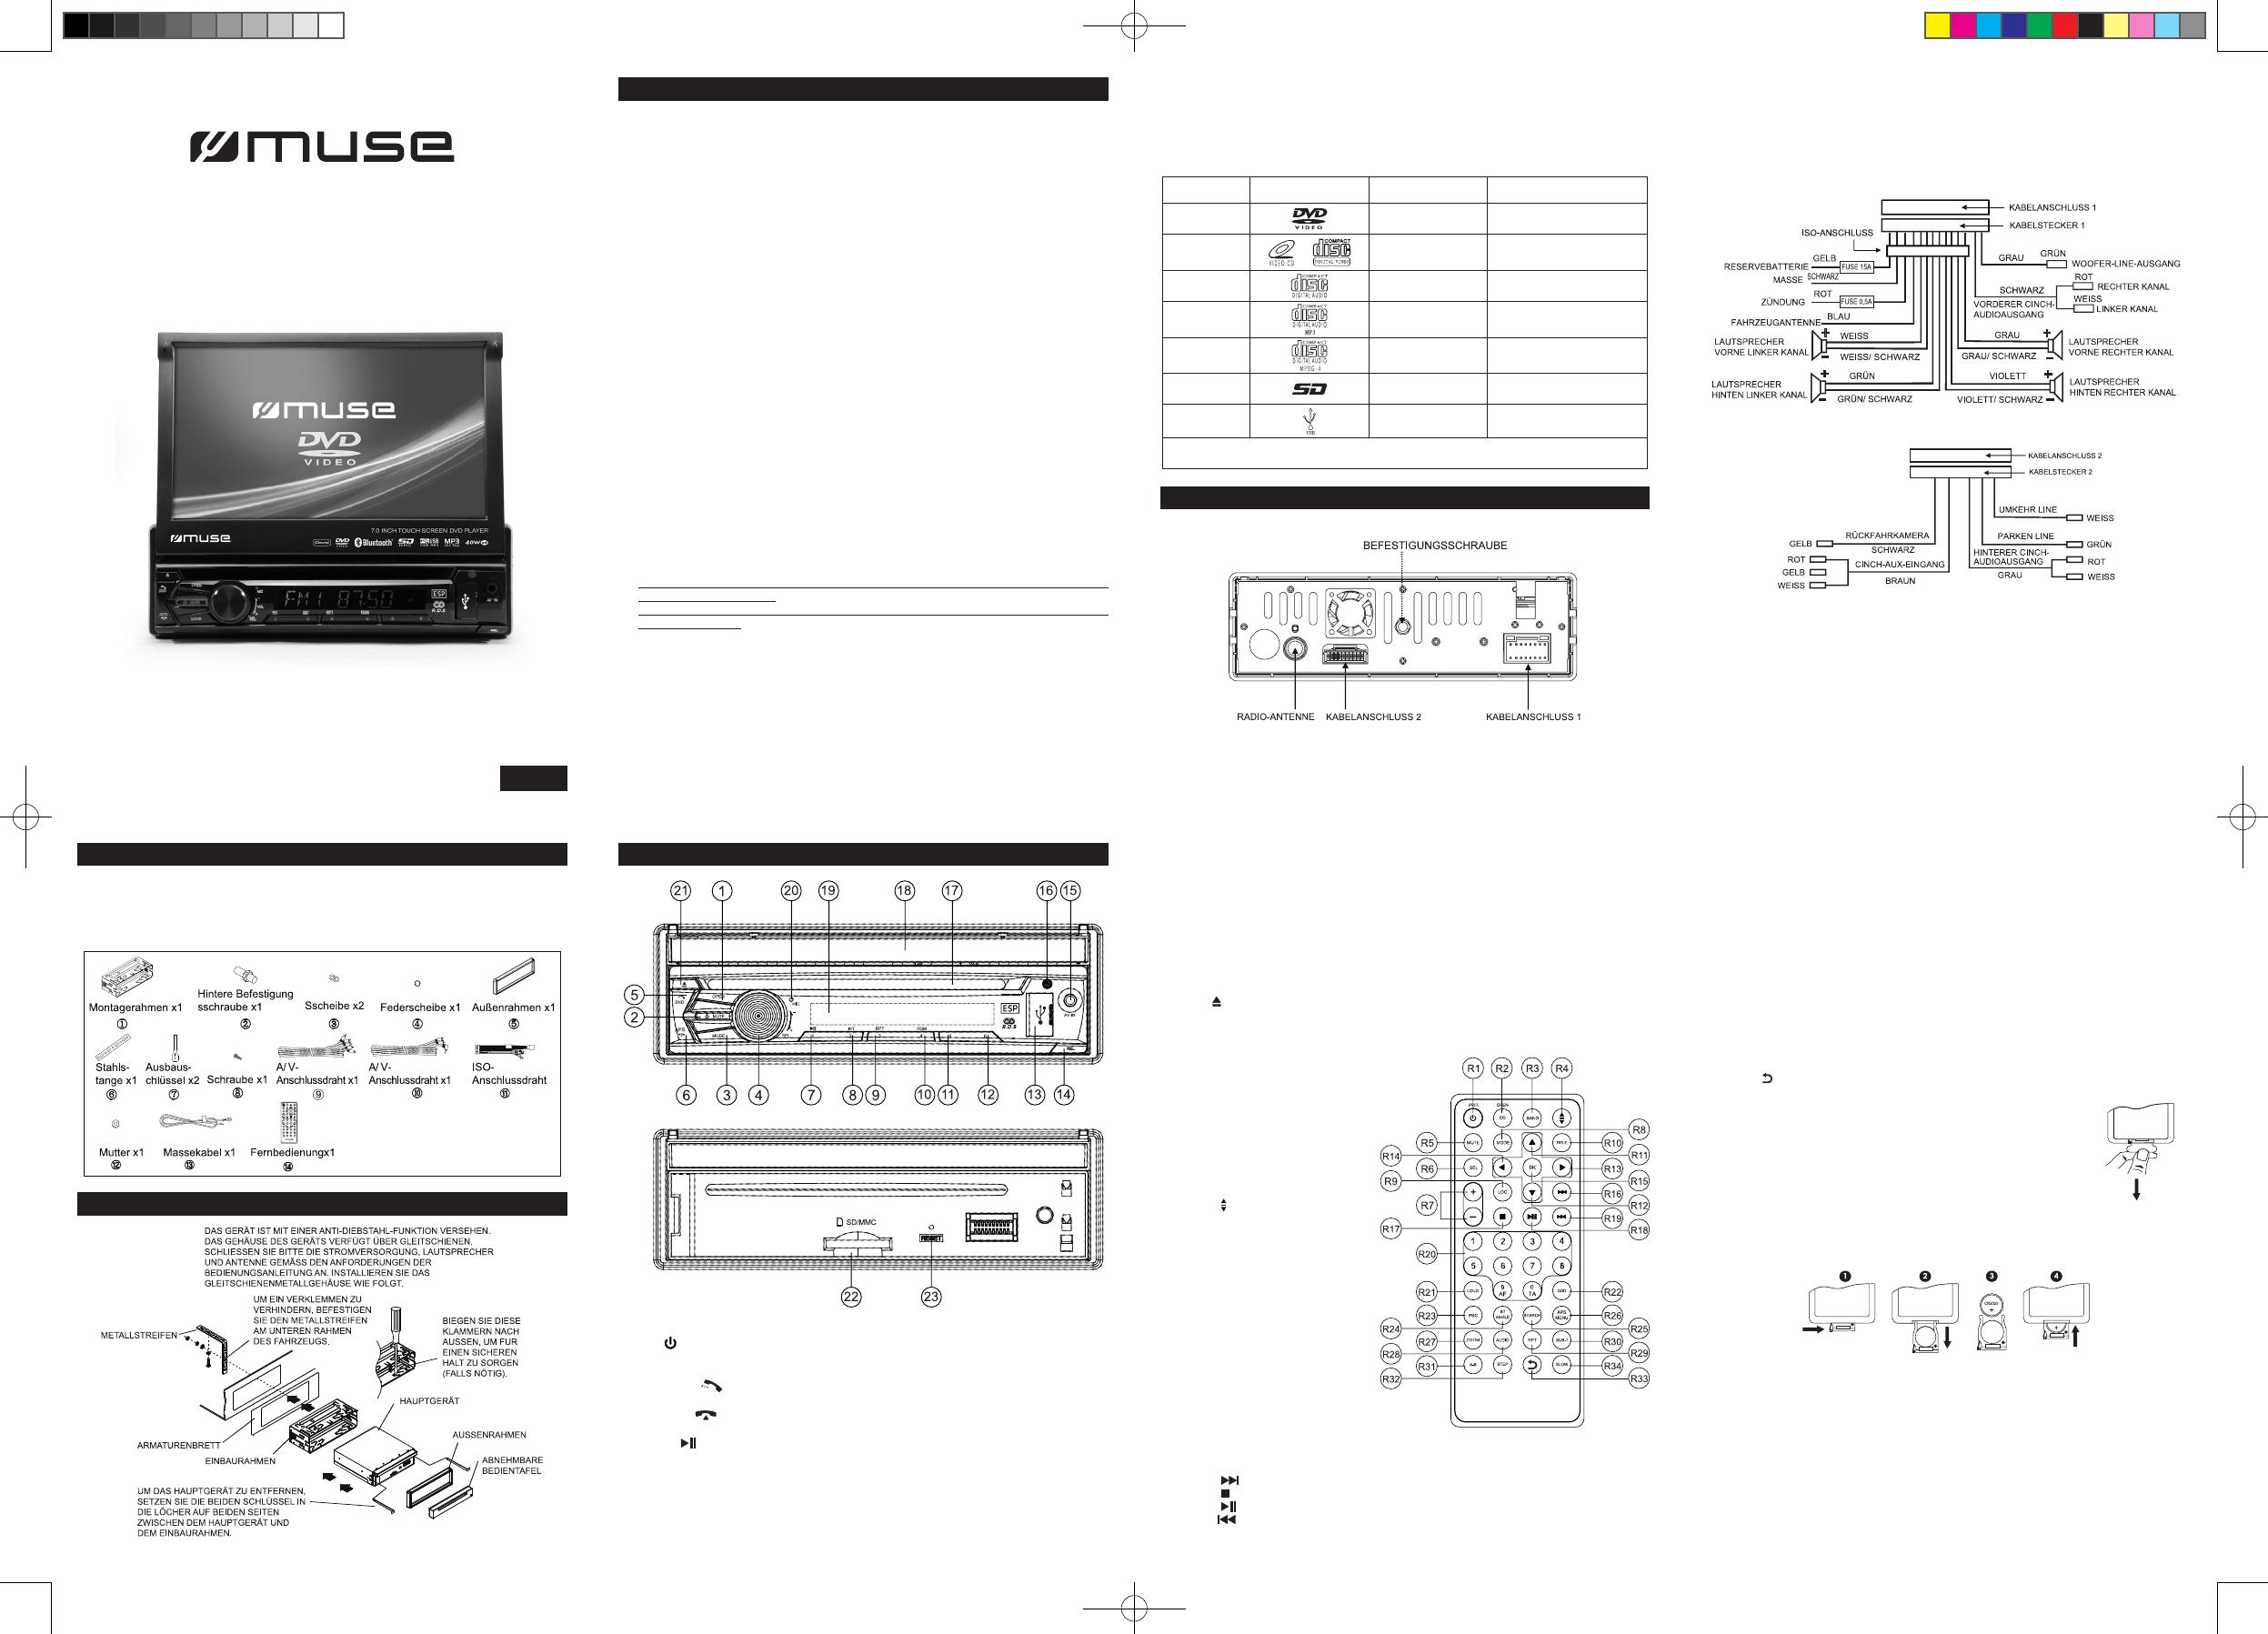 Handleiding Muse M 728 Dr Pagina 12 Van 21 Deutsch